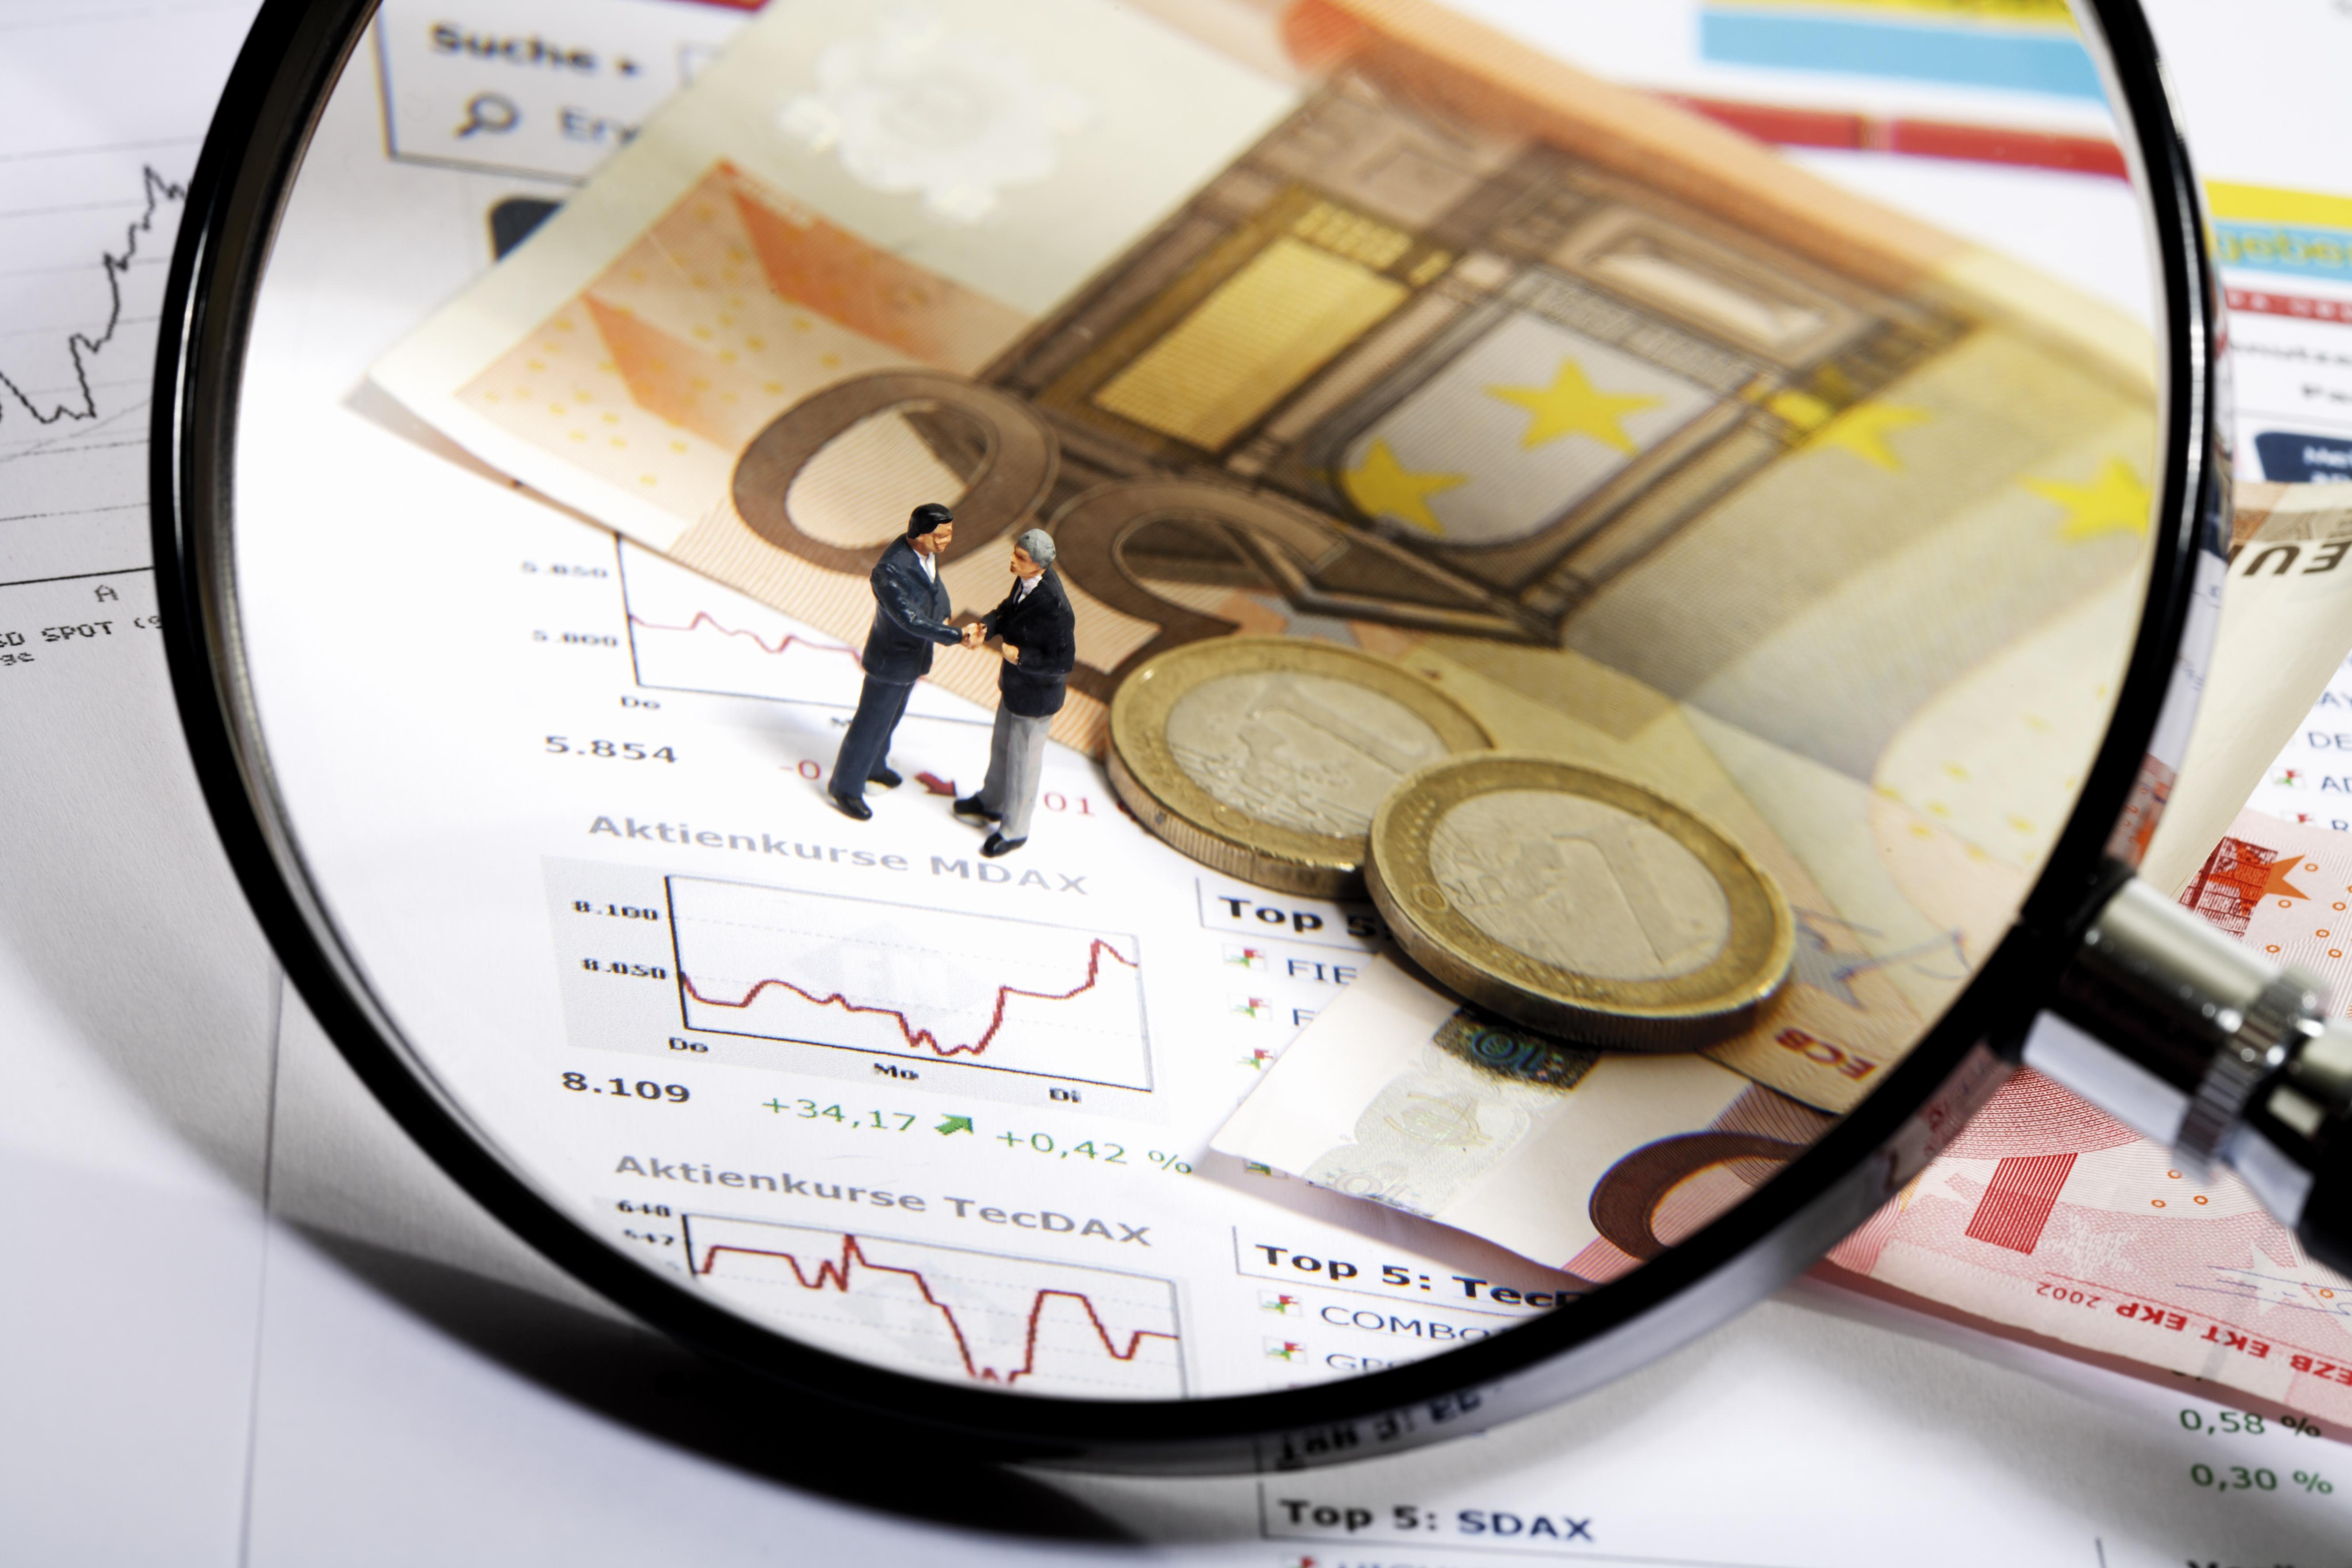 美债收益率飙升,咄咄逼人形势下黄金的翻身之路愈发艰难!